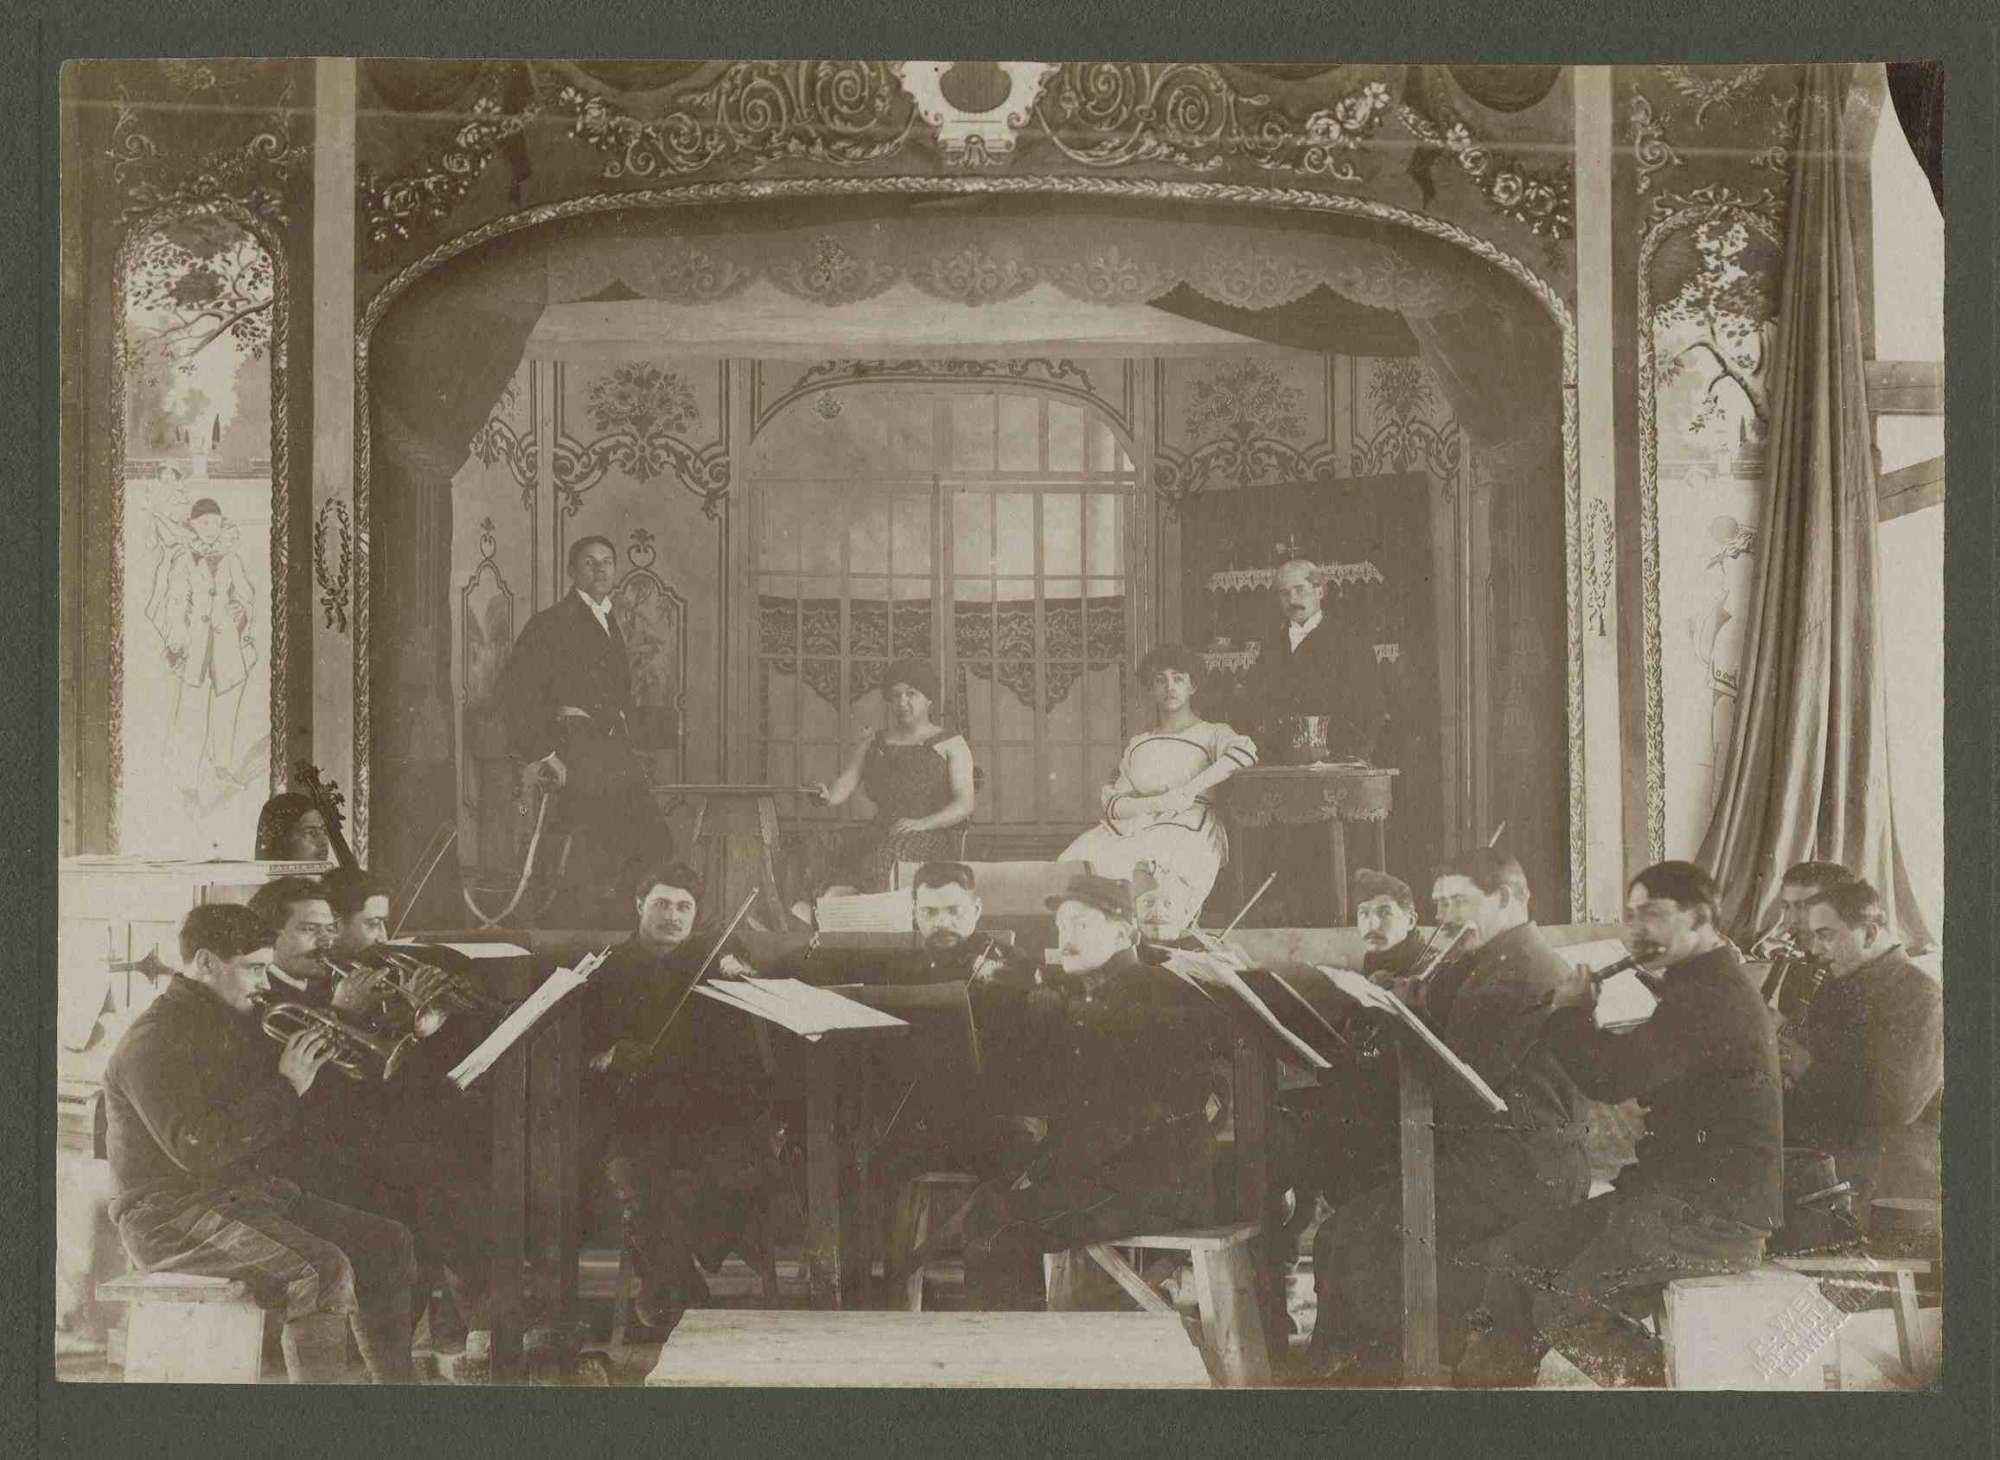 Theatervorstellung im Kriegsgefangenenlager Ludwigsburg-Eglosheim in Jugendstil-Kulissen, vier Schauspieler auf Bühne, davor Orchester, Bild 1